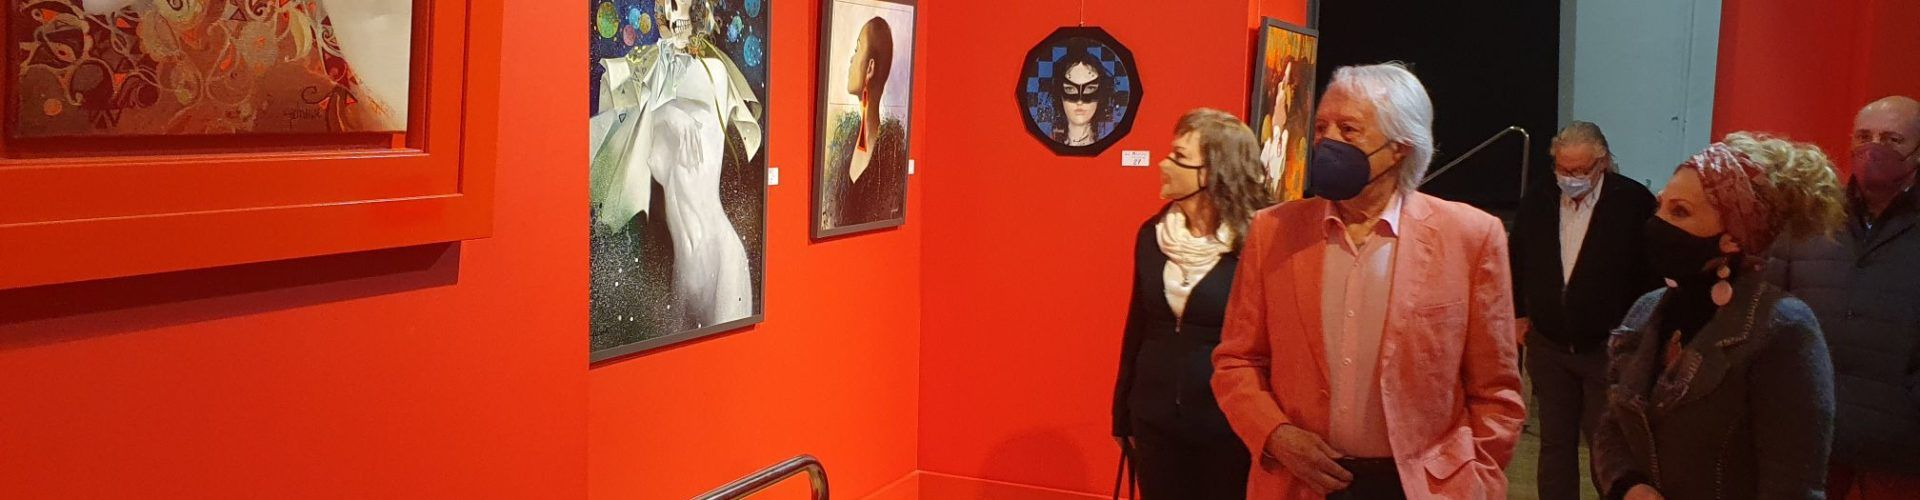 Vídeo i fotos: Olis de Fèlix Mas i poemari de Victòria Panadés